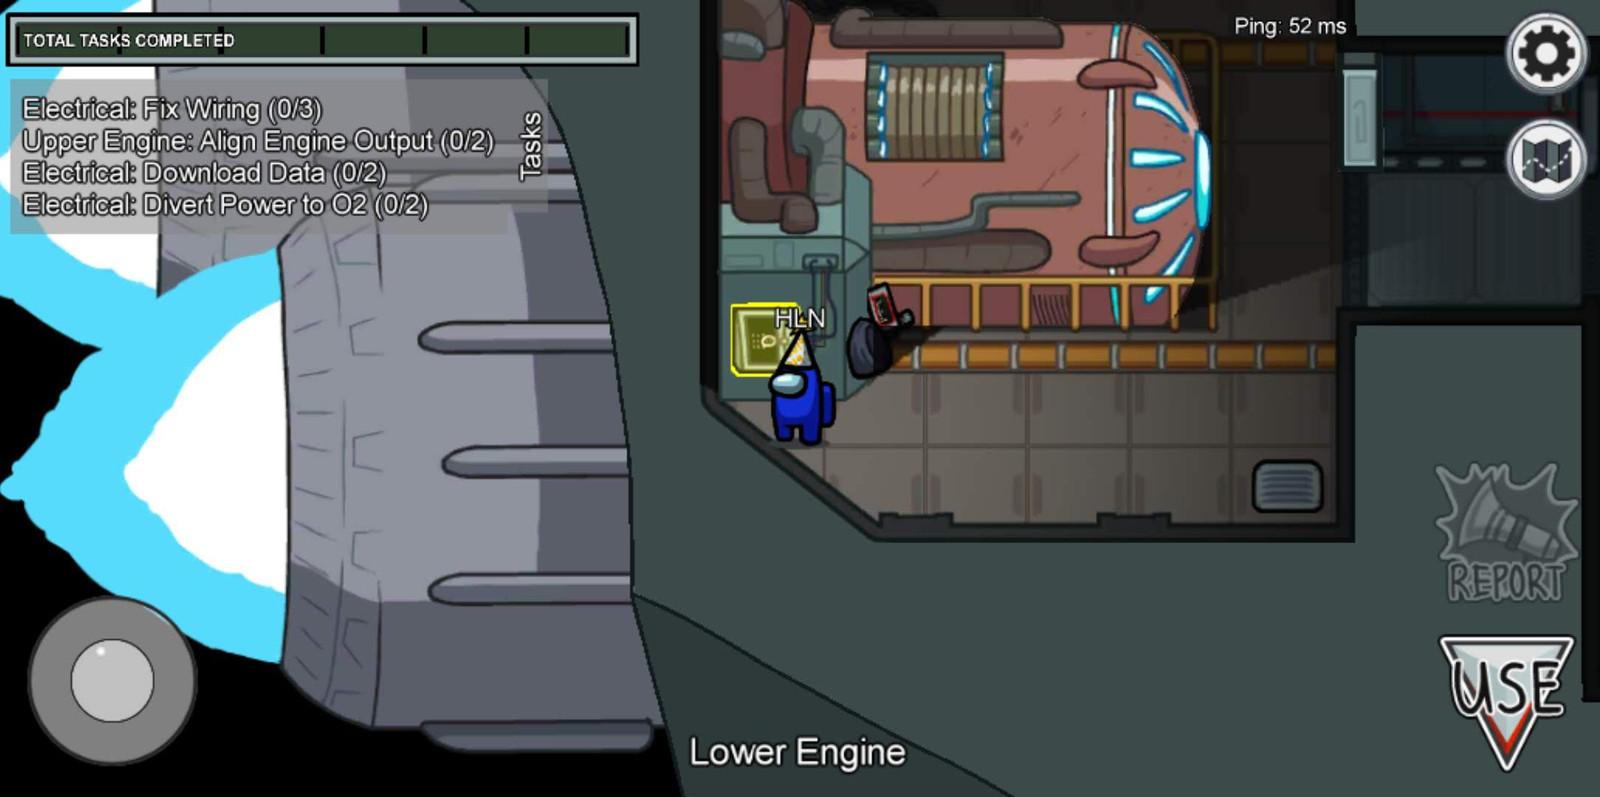 Het ruimteschip van Among Us, één van de mogelijke spelomgevingen.